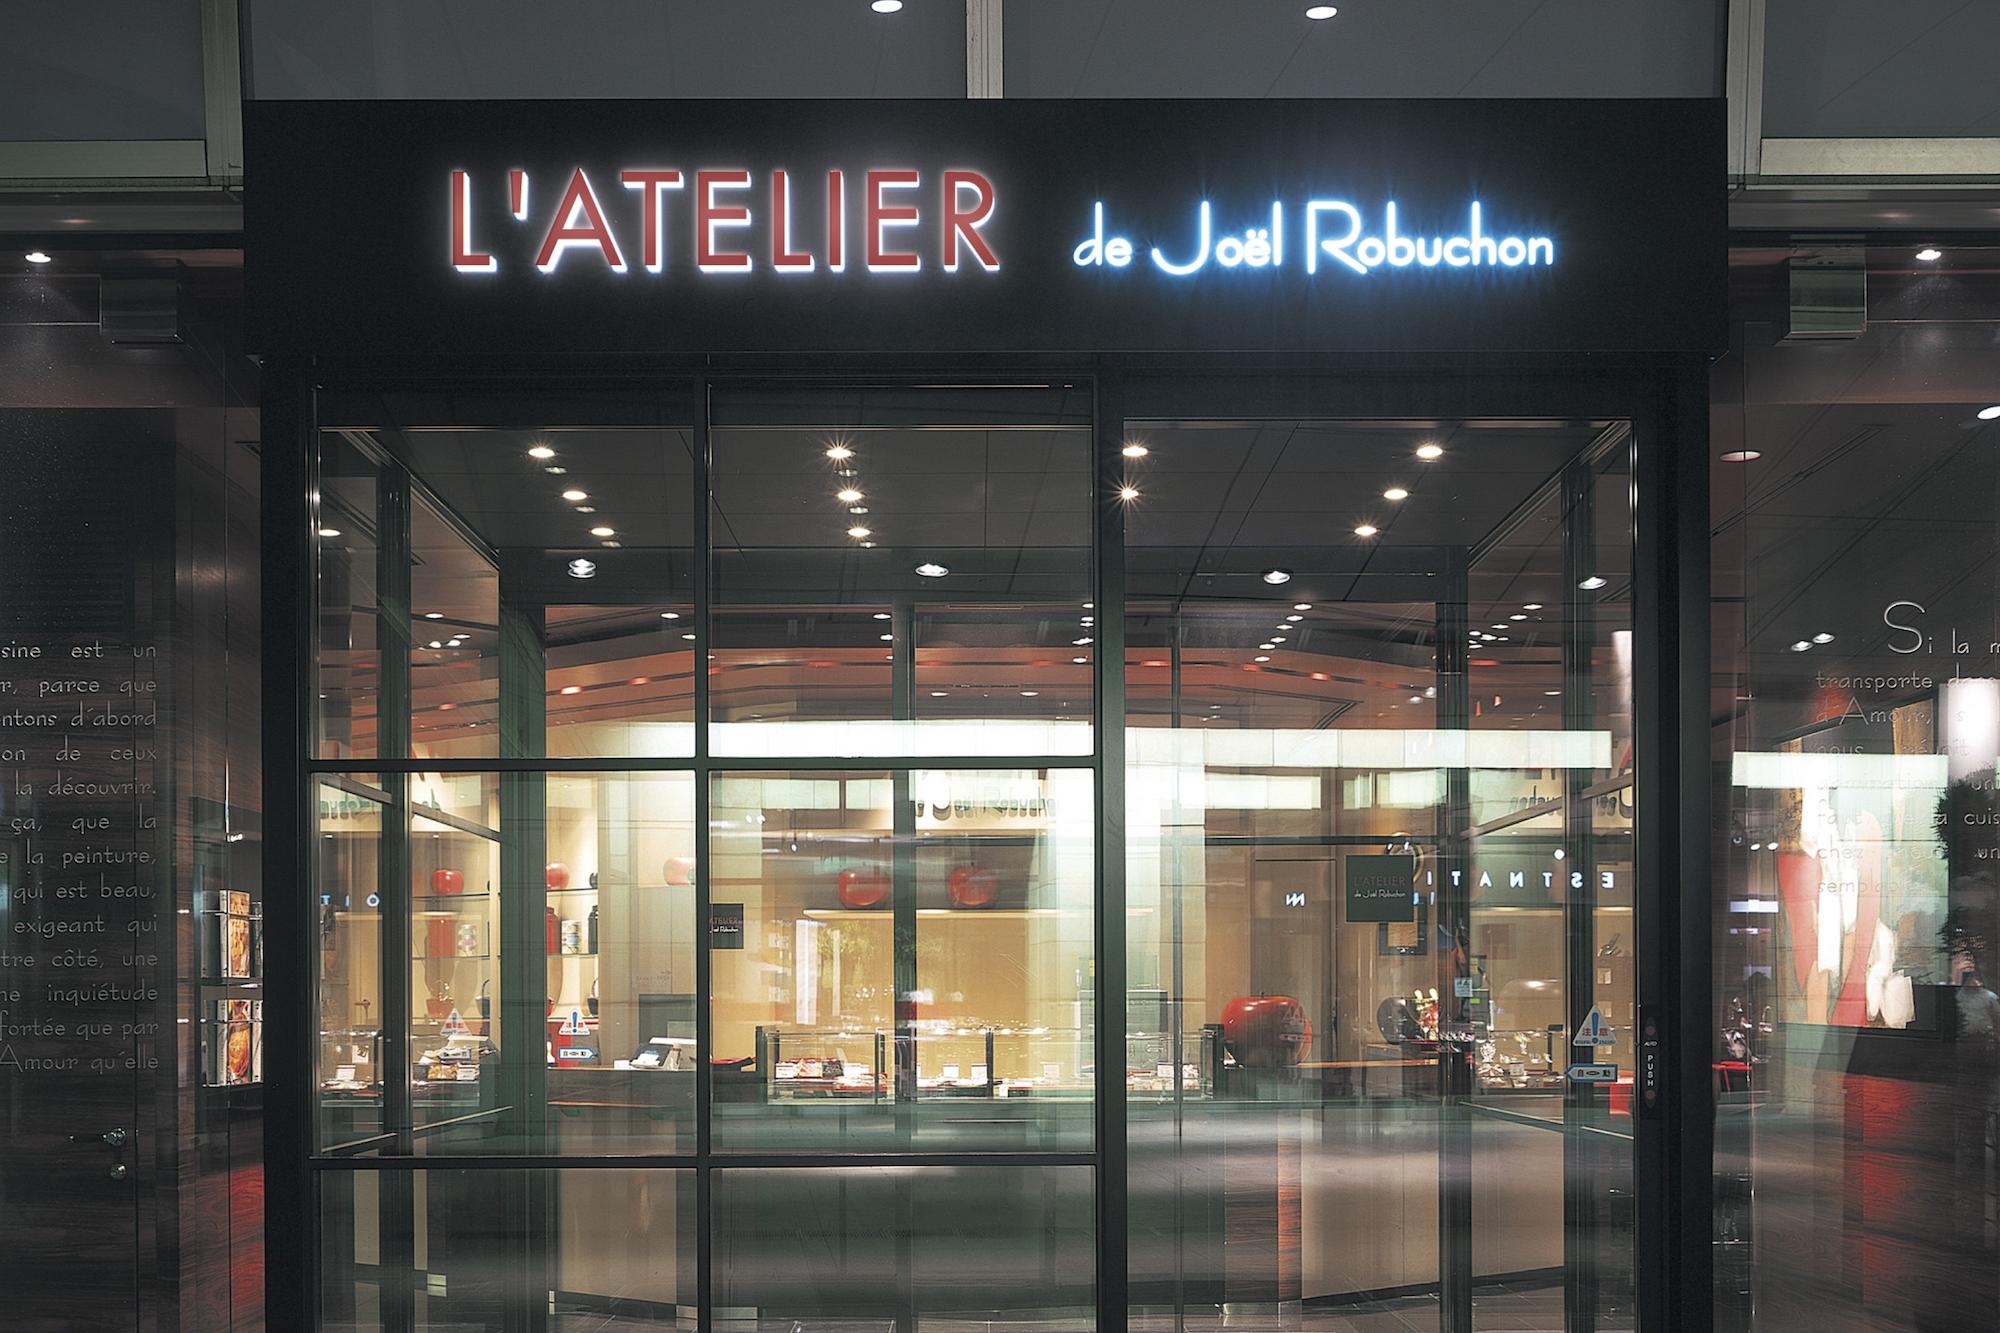 L'ATELIER de Joël Robuchon appearance